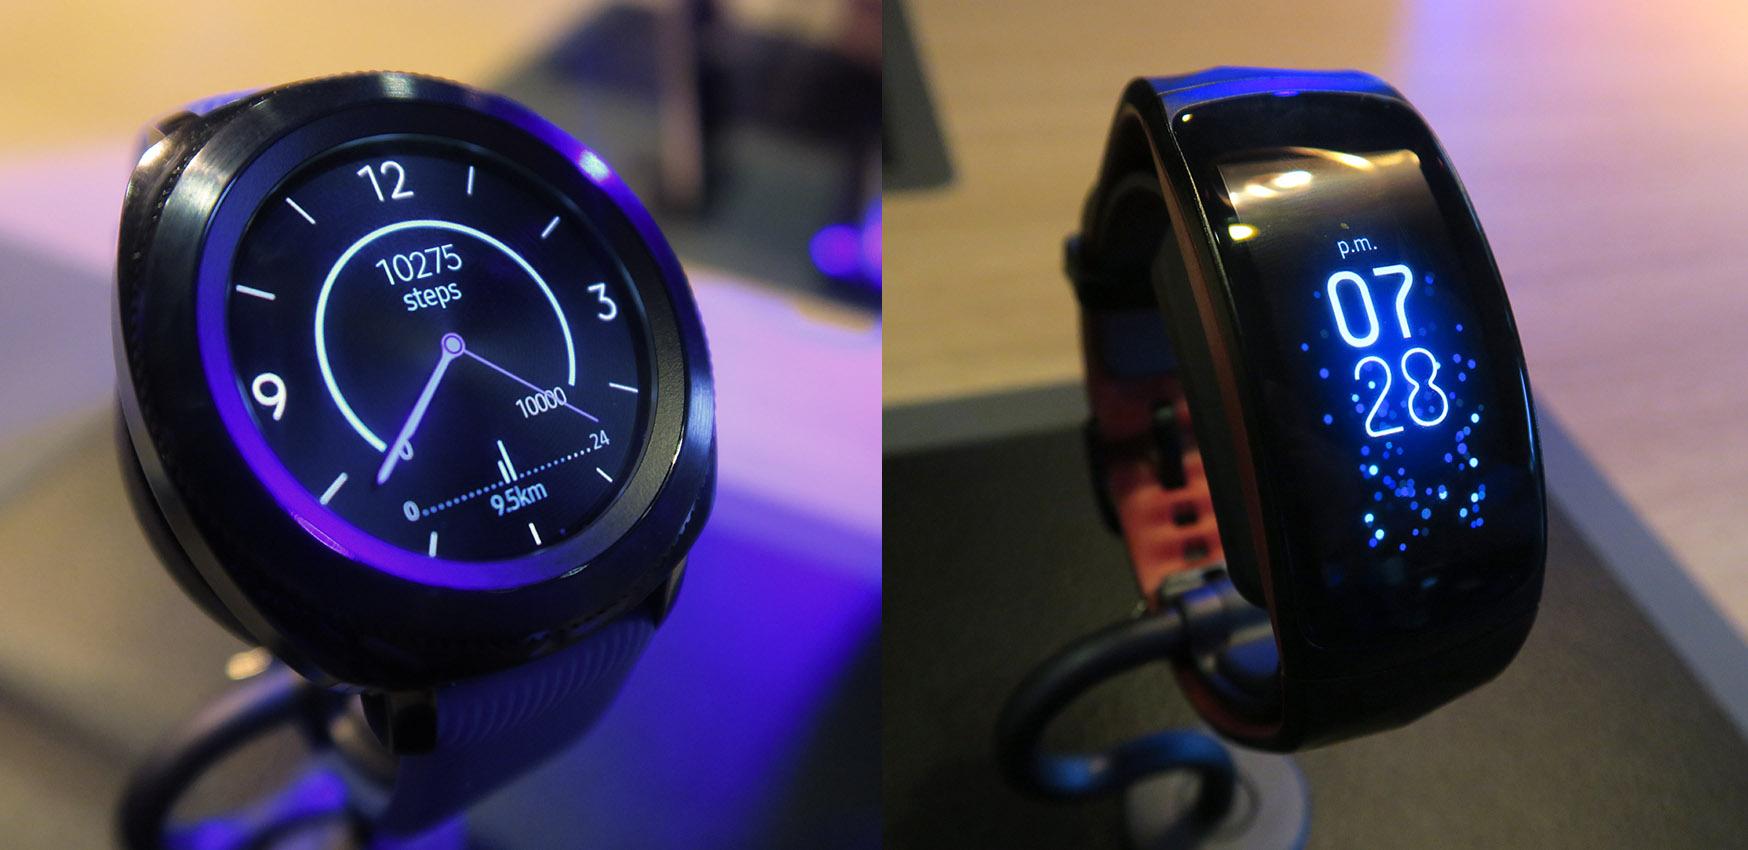 dafa5e42f8e Samsung ha anunciado dos nuevos productos que guardan una gran similitud   el reloj inteligente Gear Sport y la pulsera de actividad física Gear Fit2  Pro.